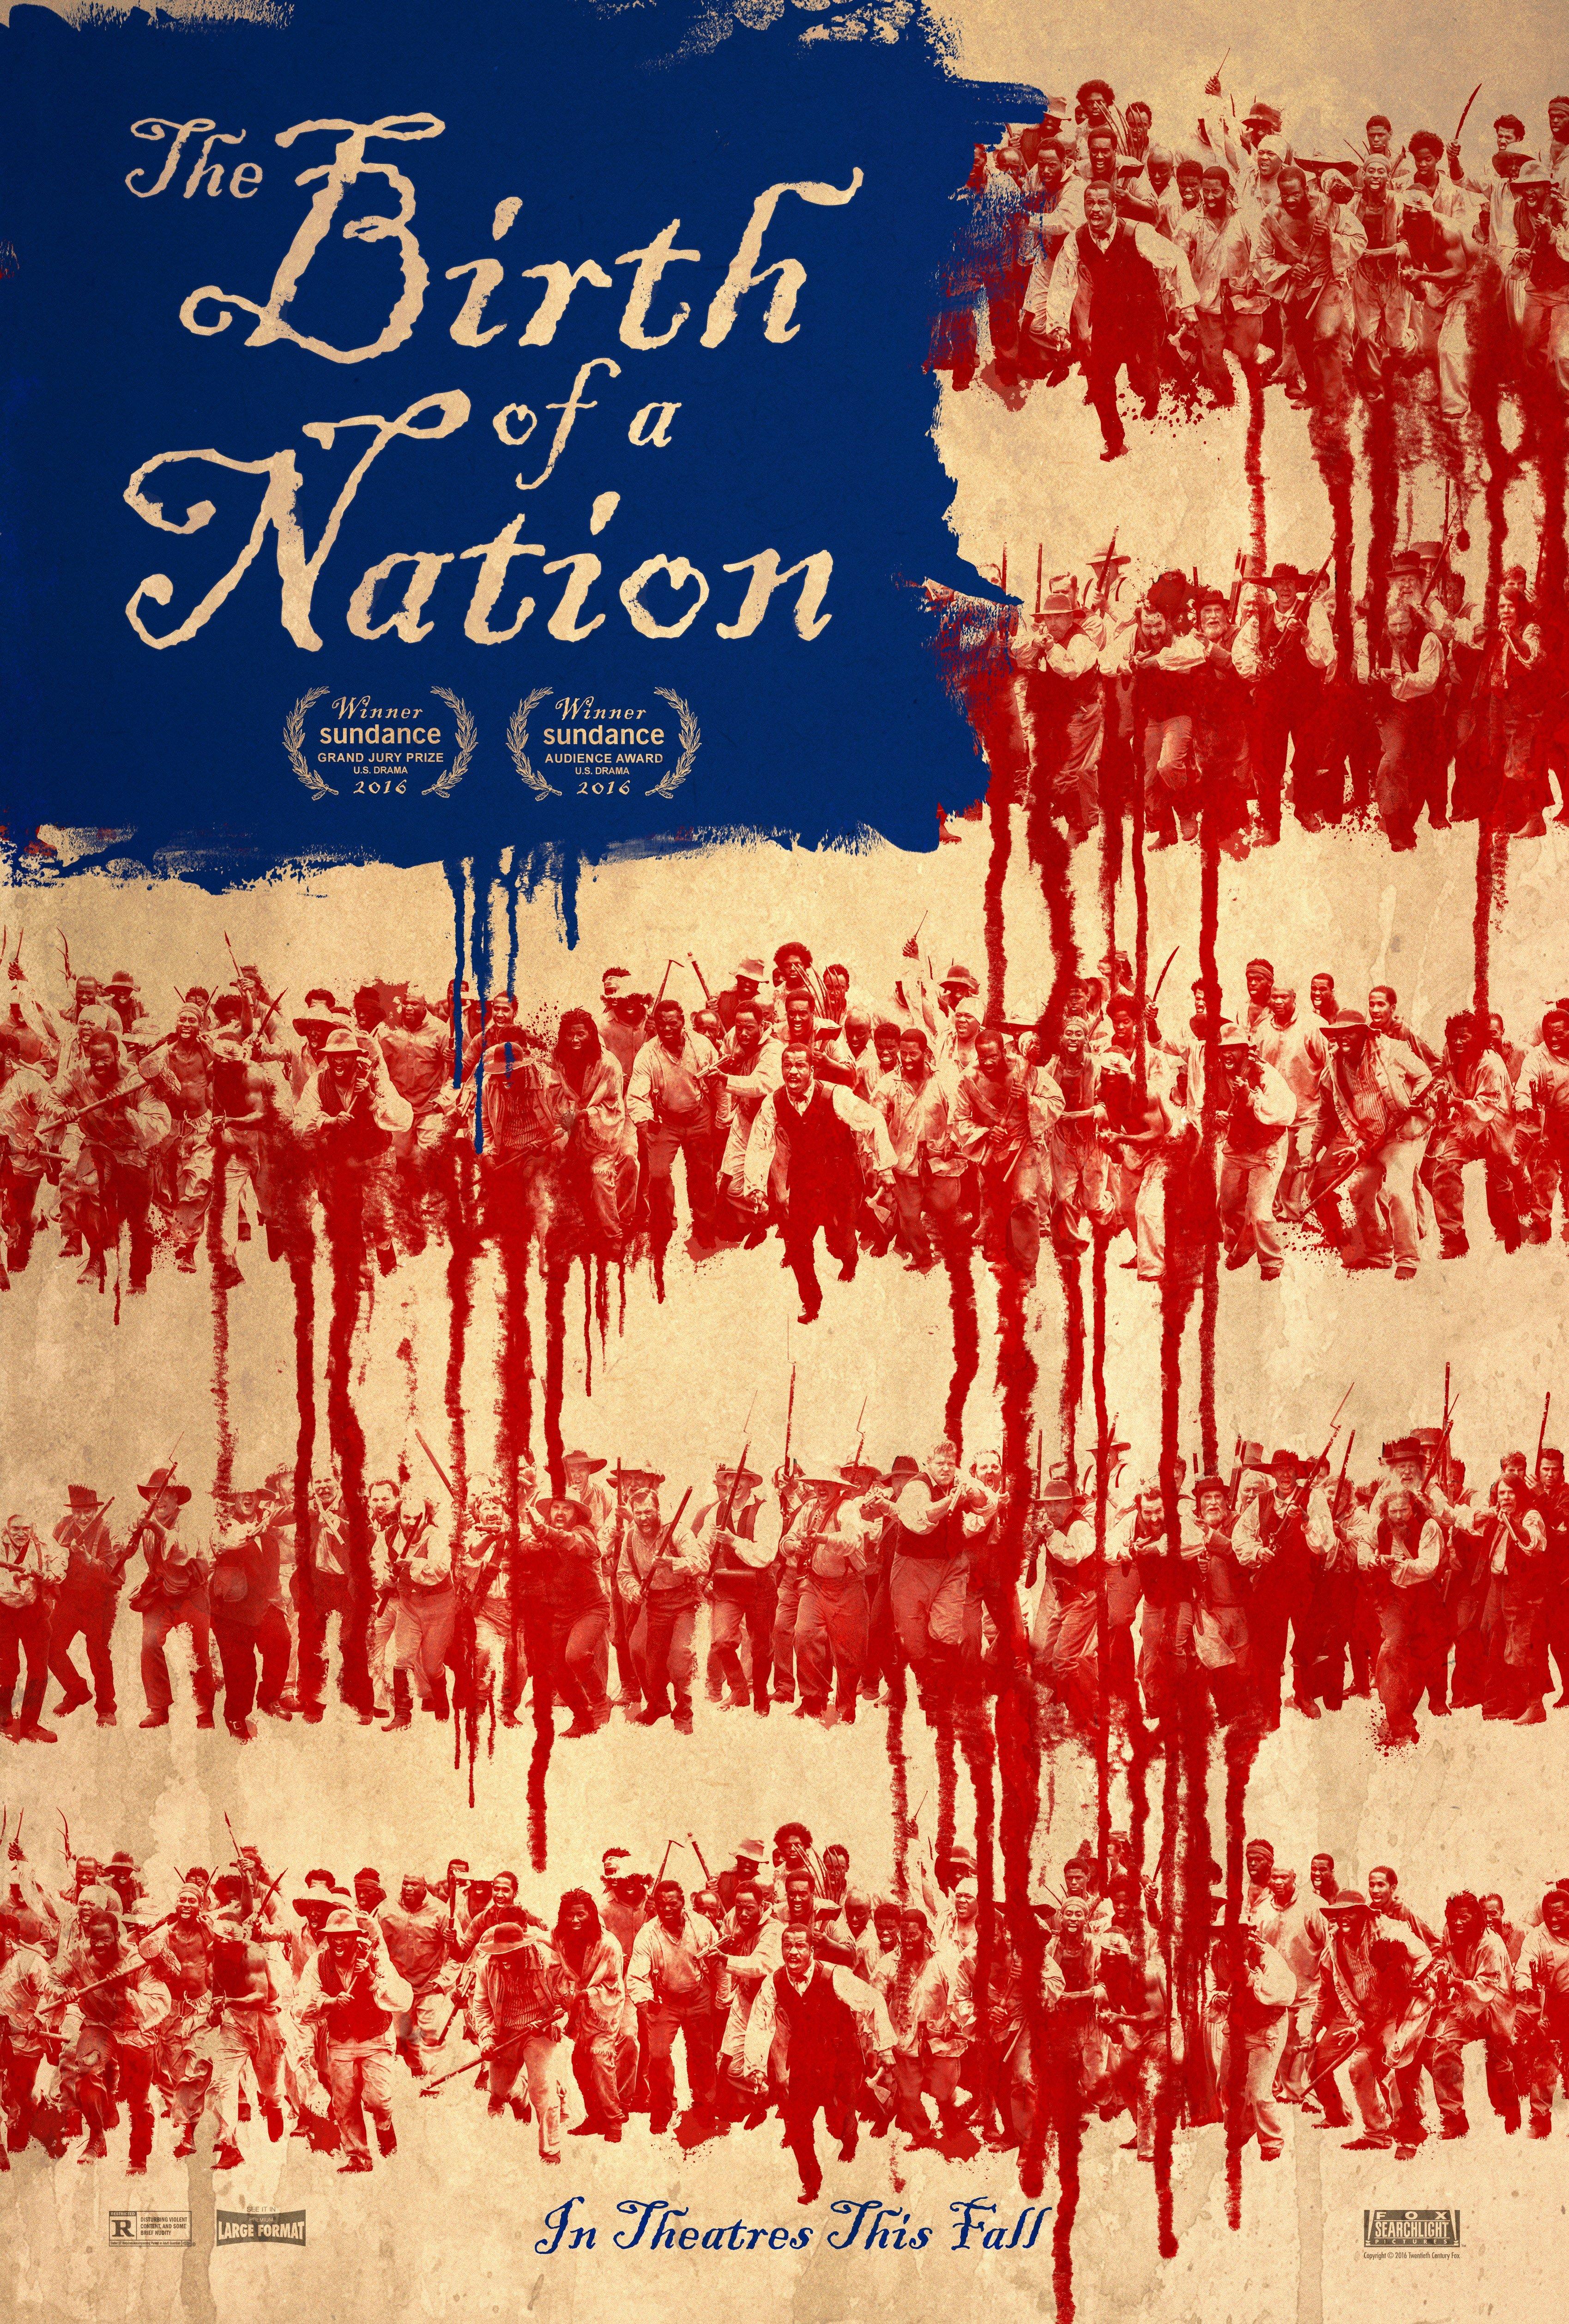 دانلود فیلم تولد یک ملت - The Birth of a Nation 2016 با لینک مستقیم